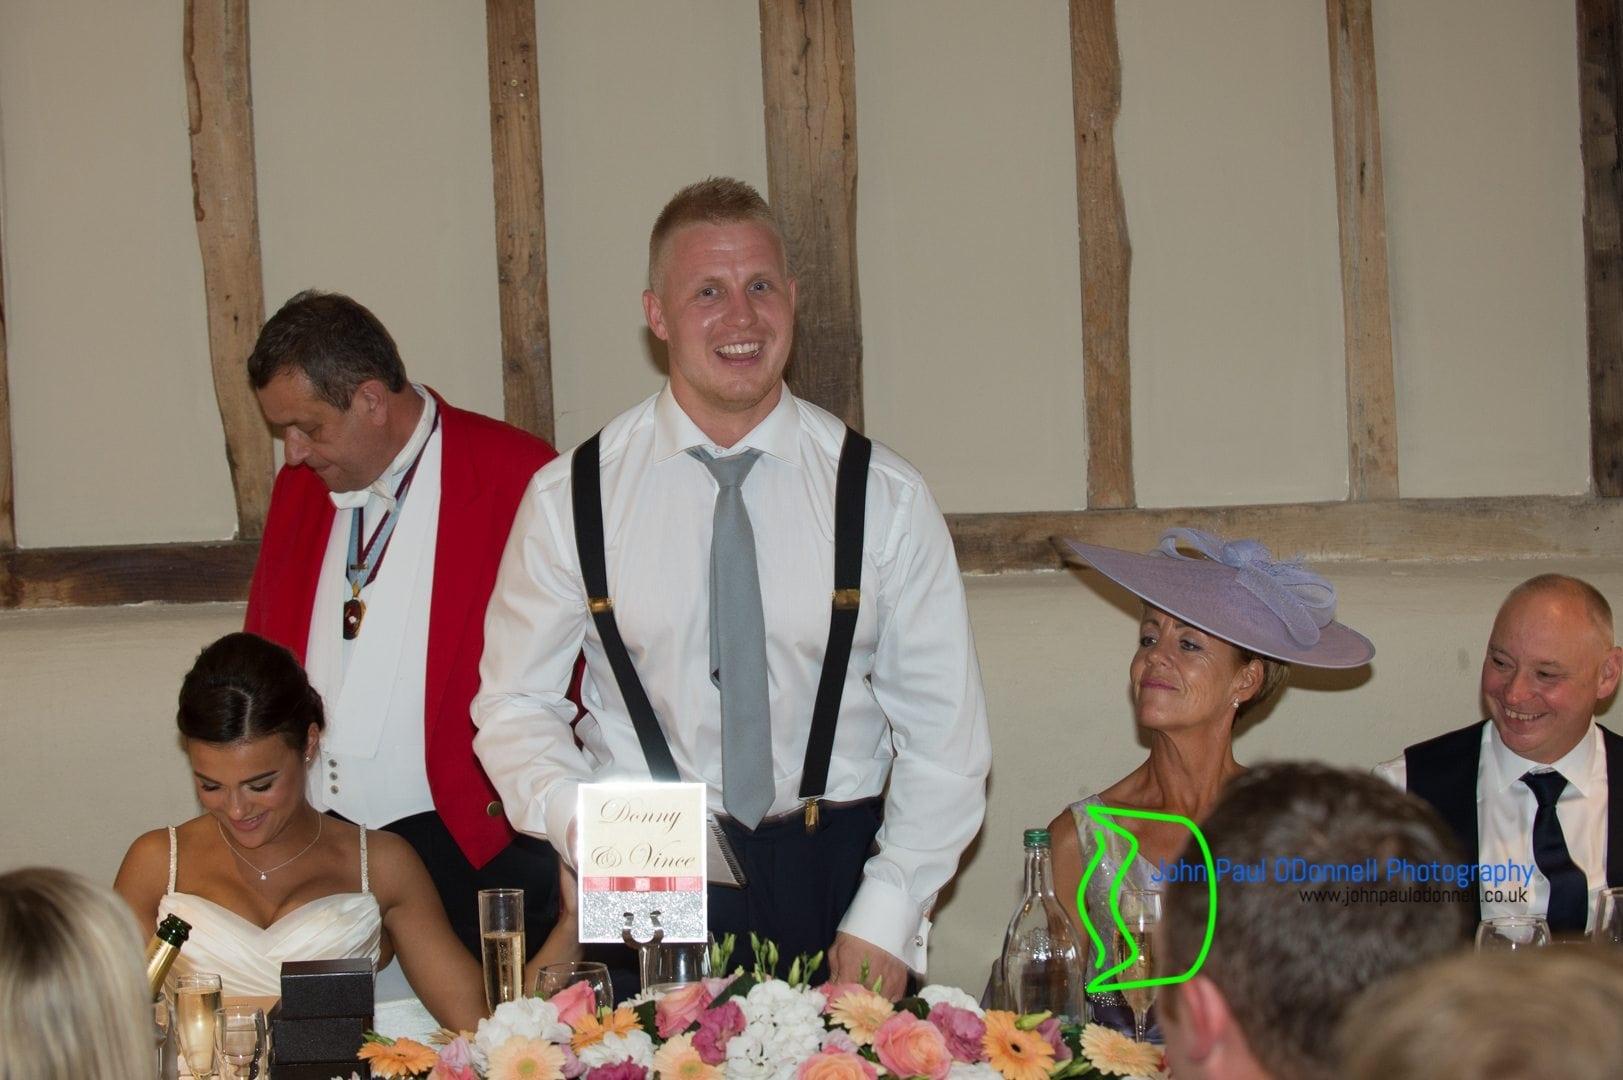 Jordan and Ashleys Wedding at Coltsfoot Country Retreat-19